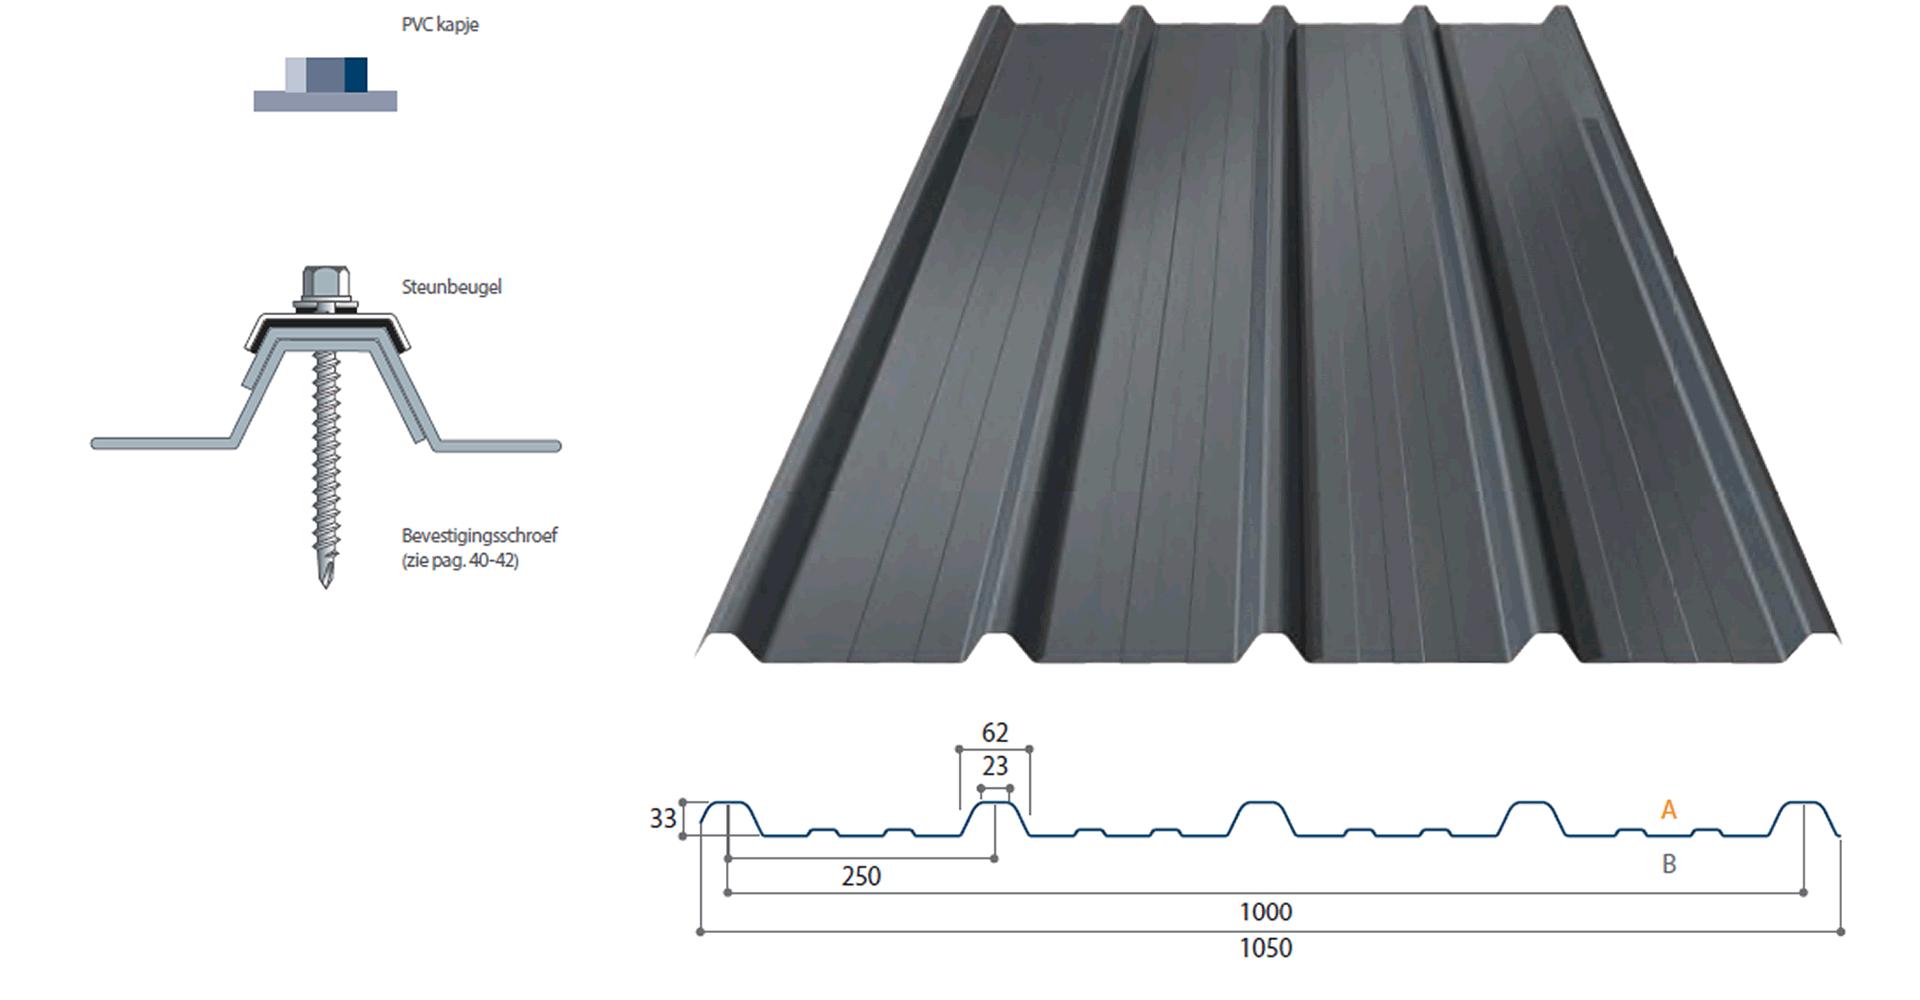 Enkelwandige dakplaten kopen